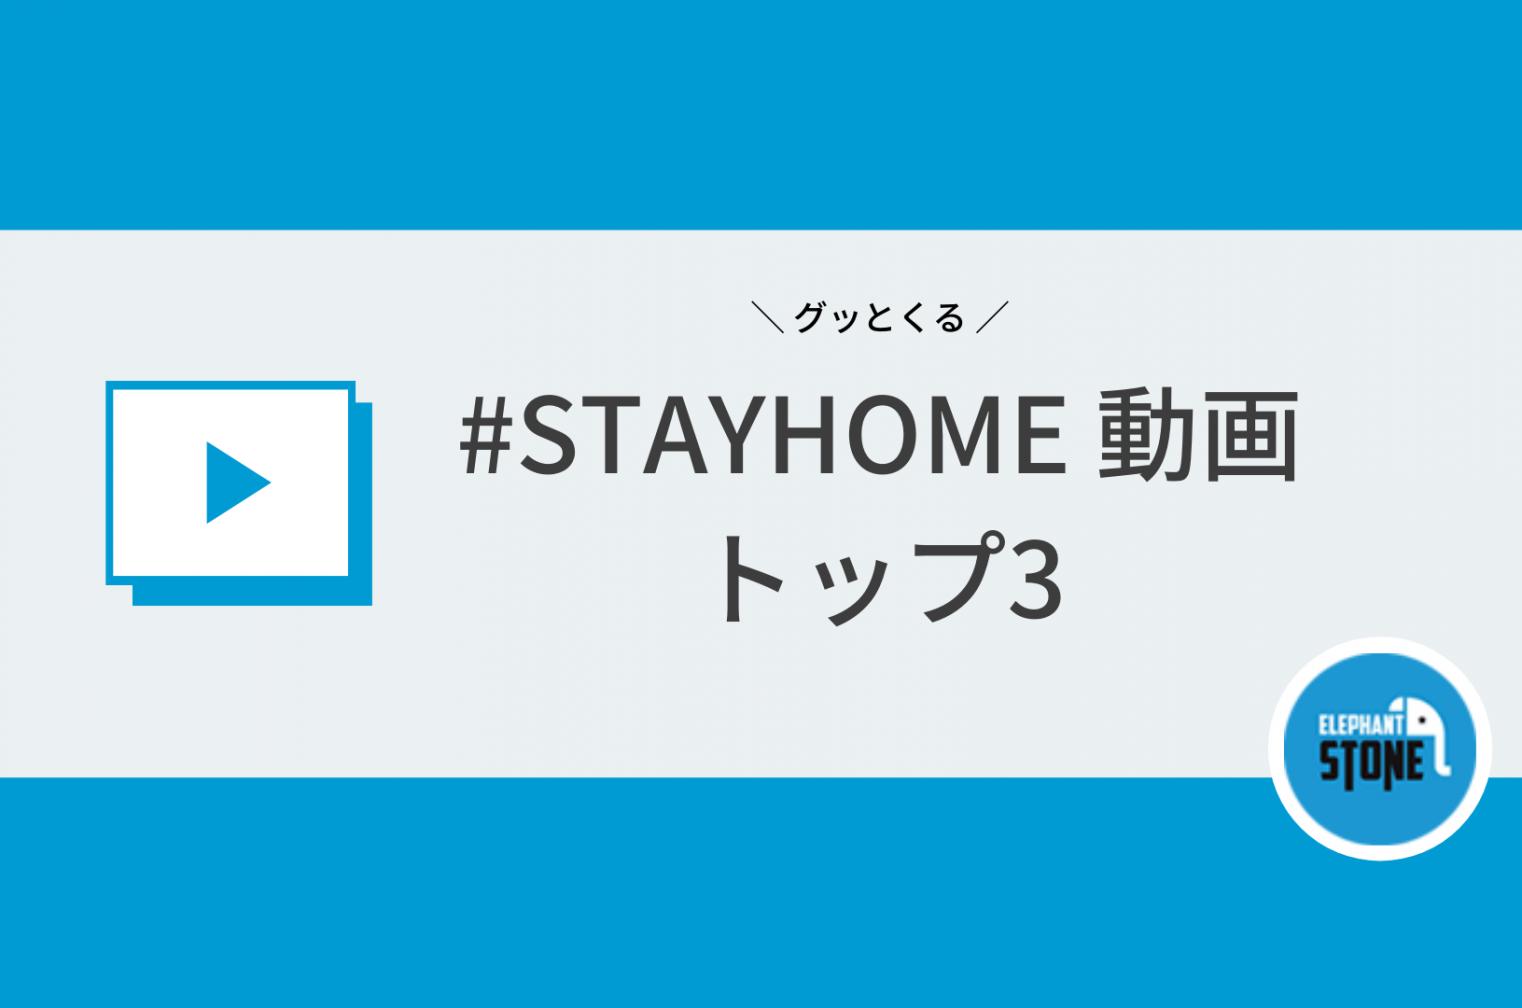 グッとくる #STAYHOME 動画「トップ3」